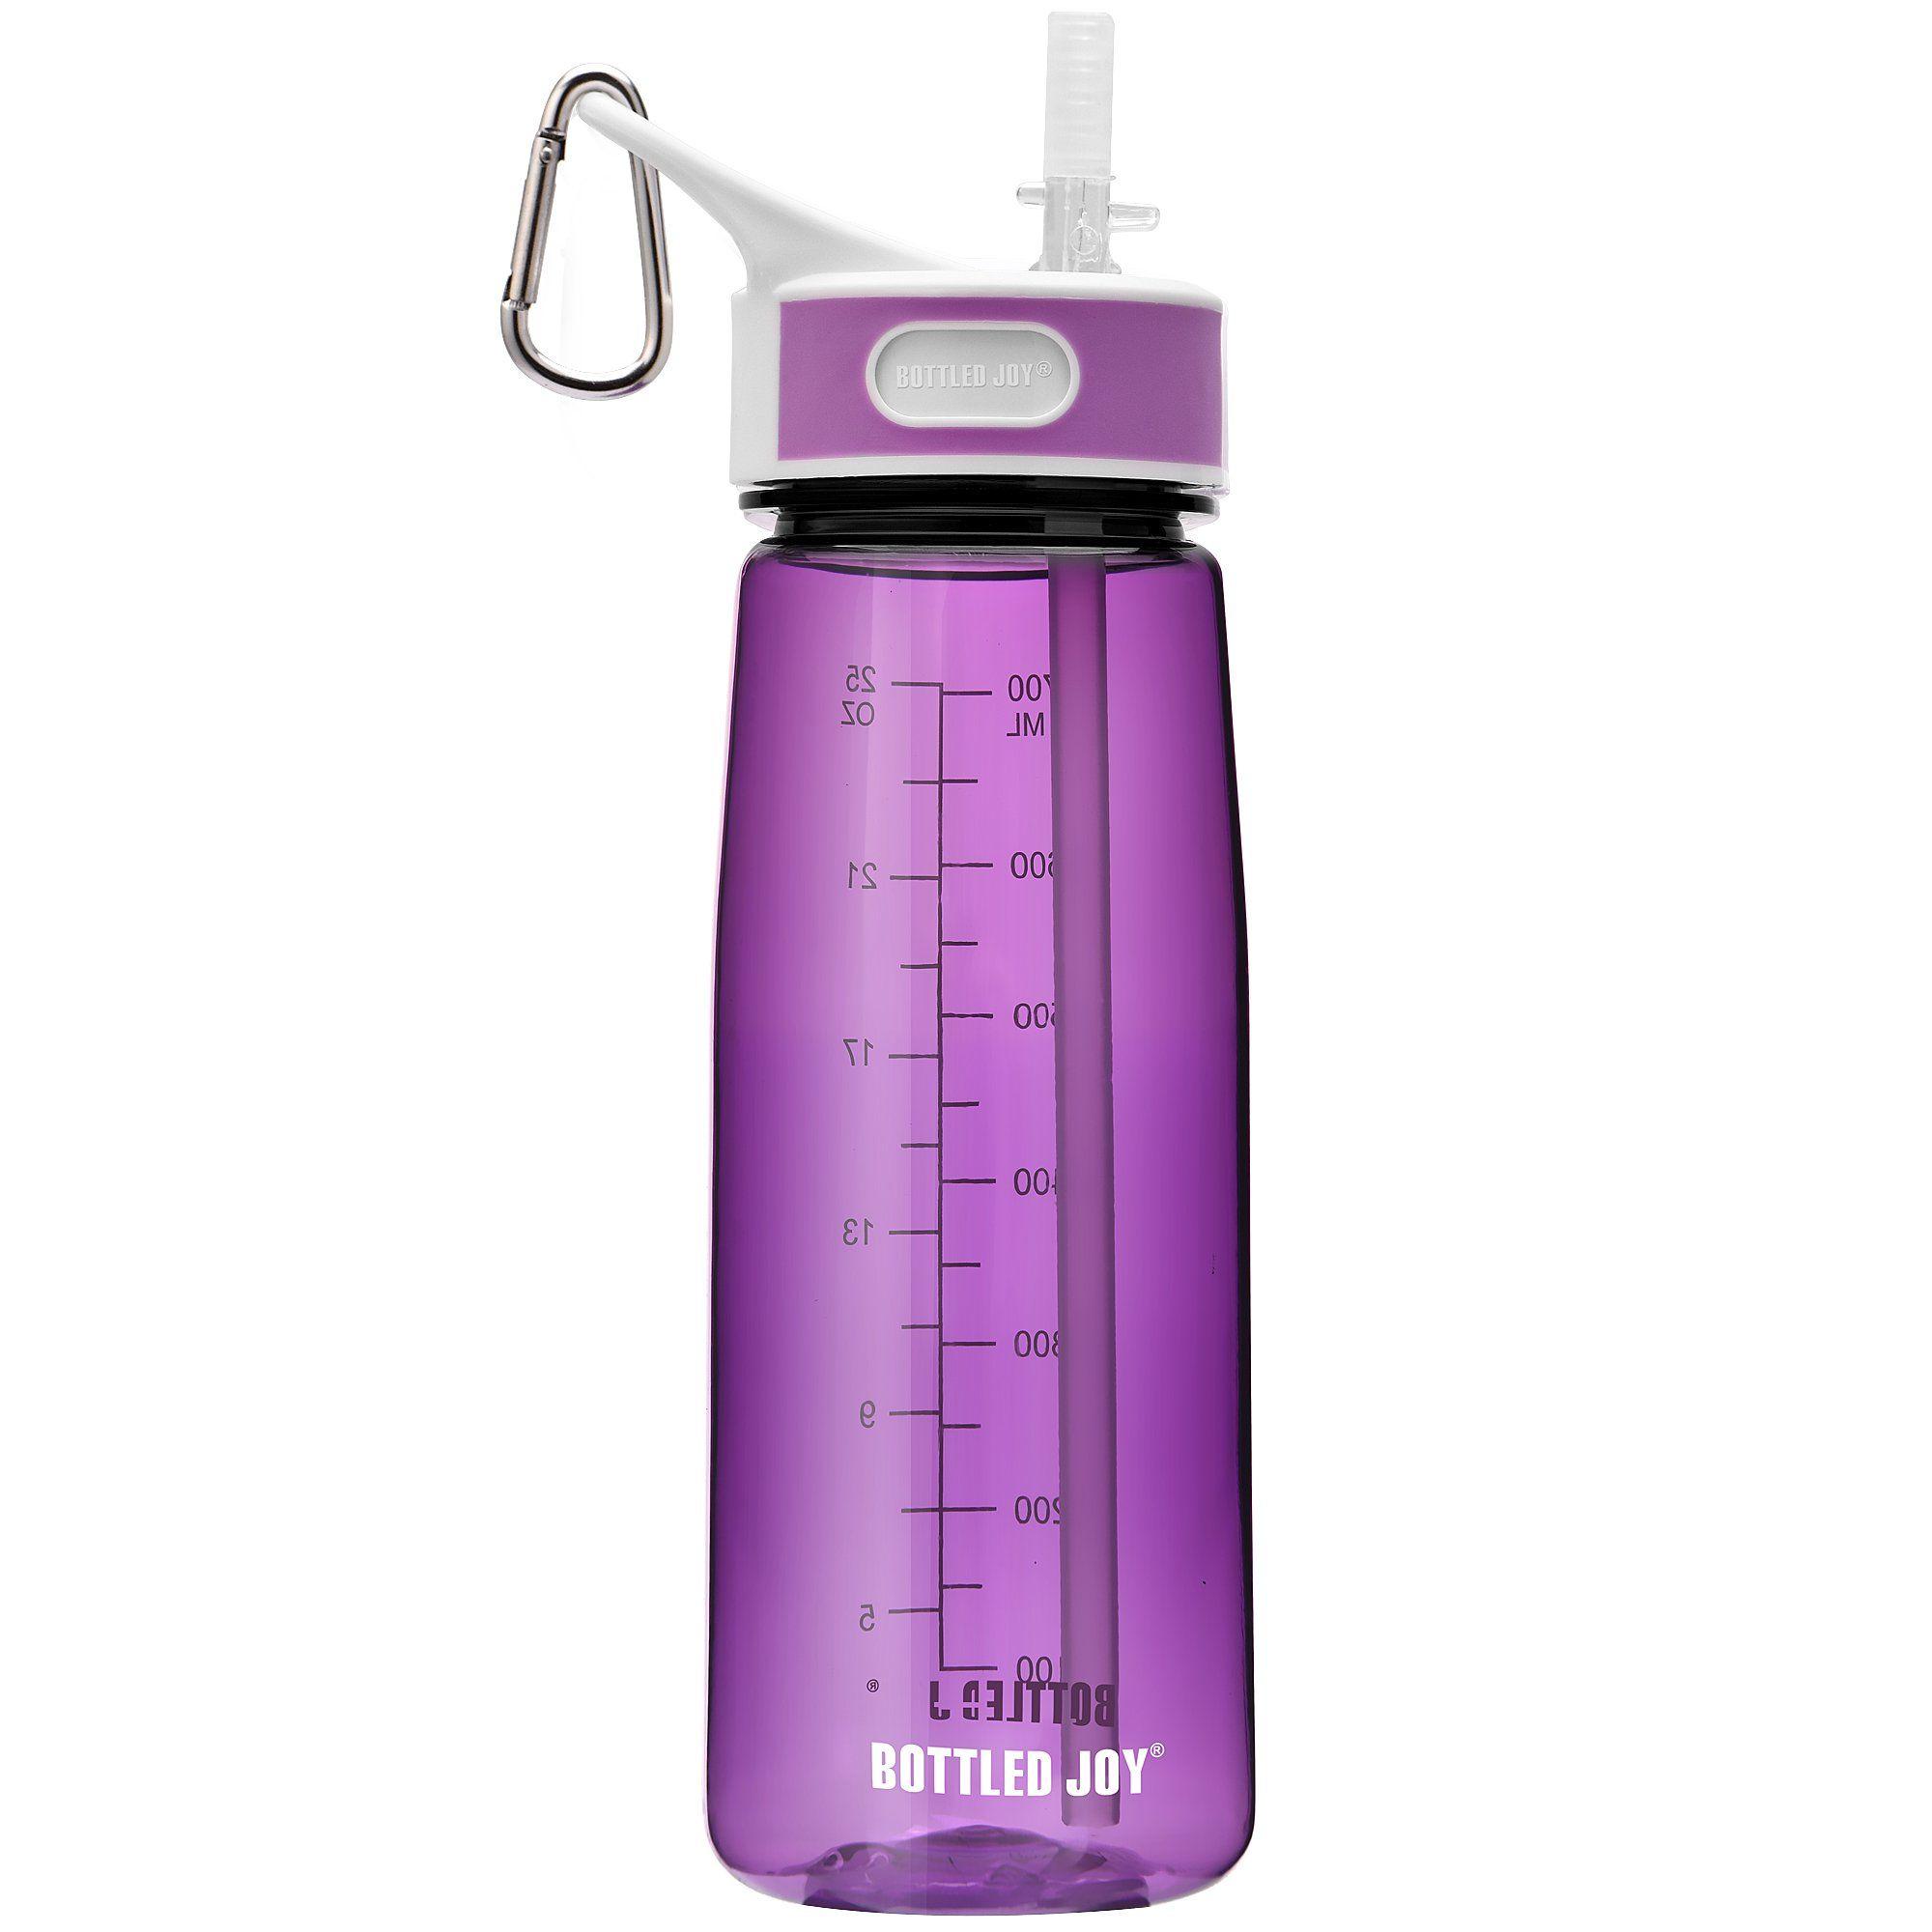 BOTTLED JOY Sports Water Bottle with Straw Tritan Water